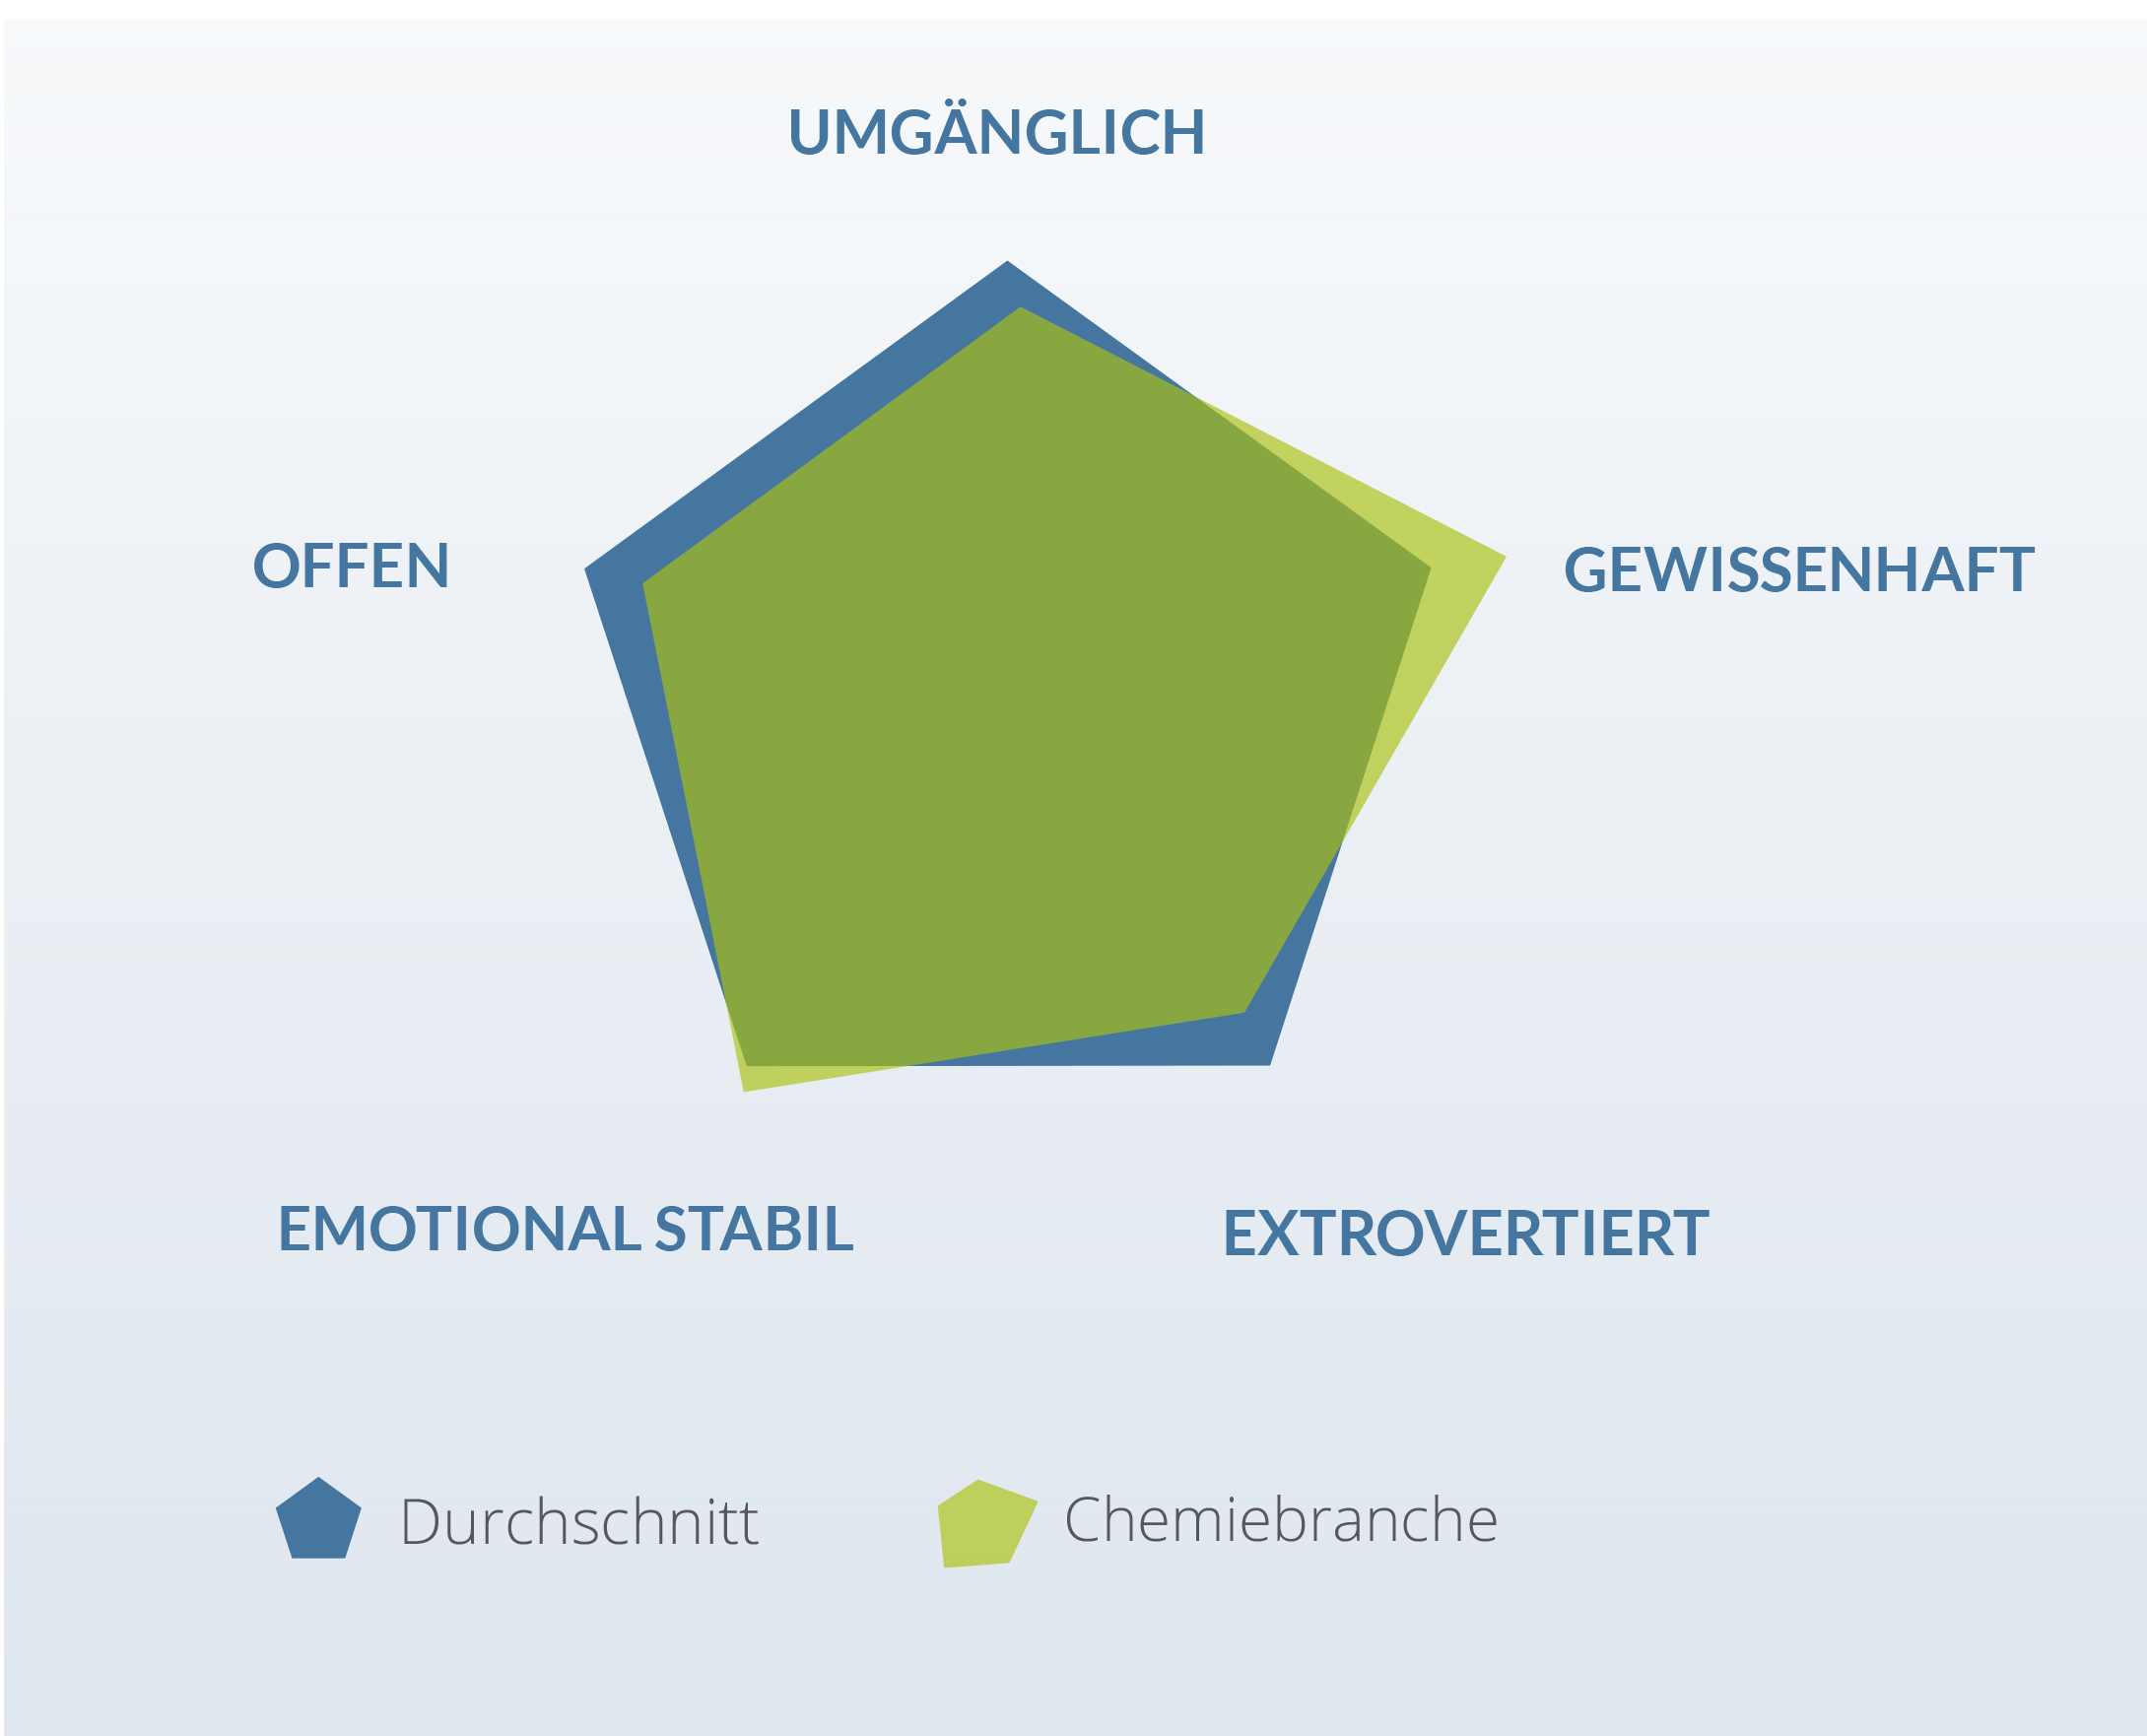 Persönlichkeitsmerkmale Chemiebranche